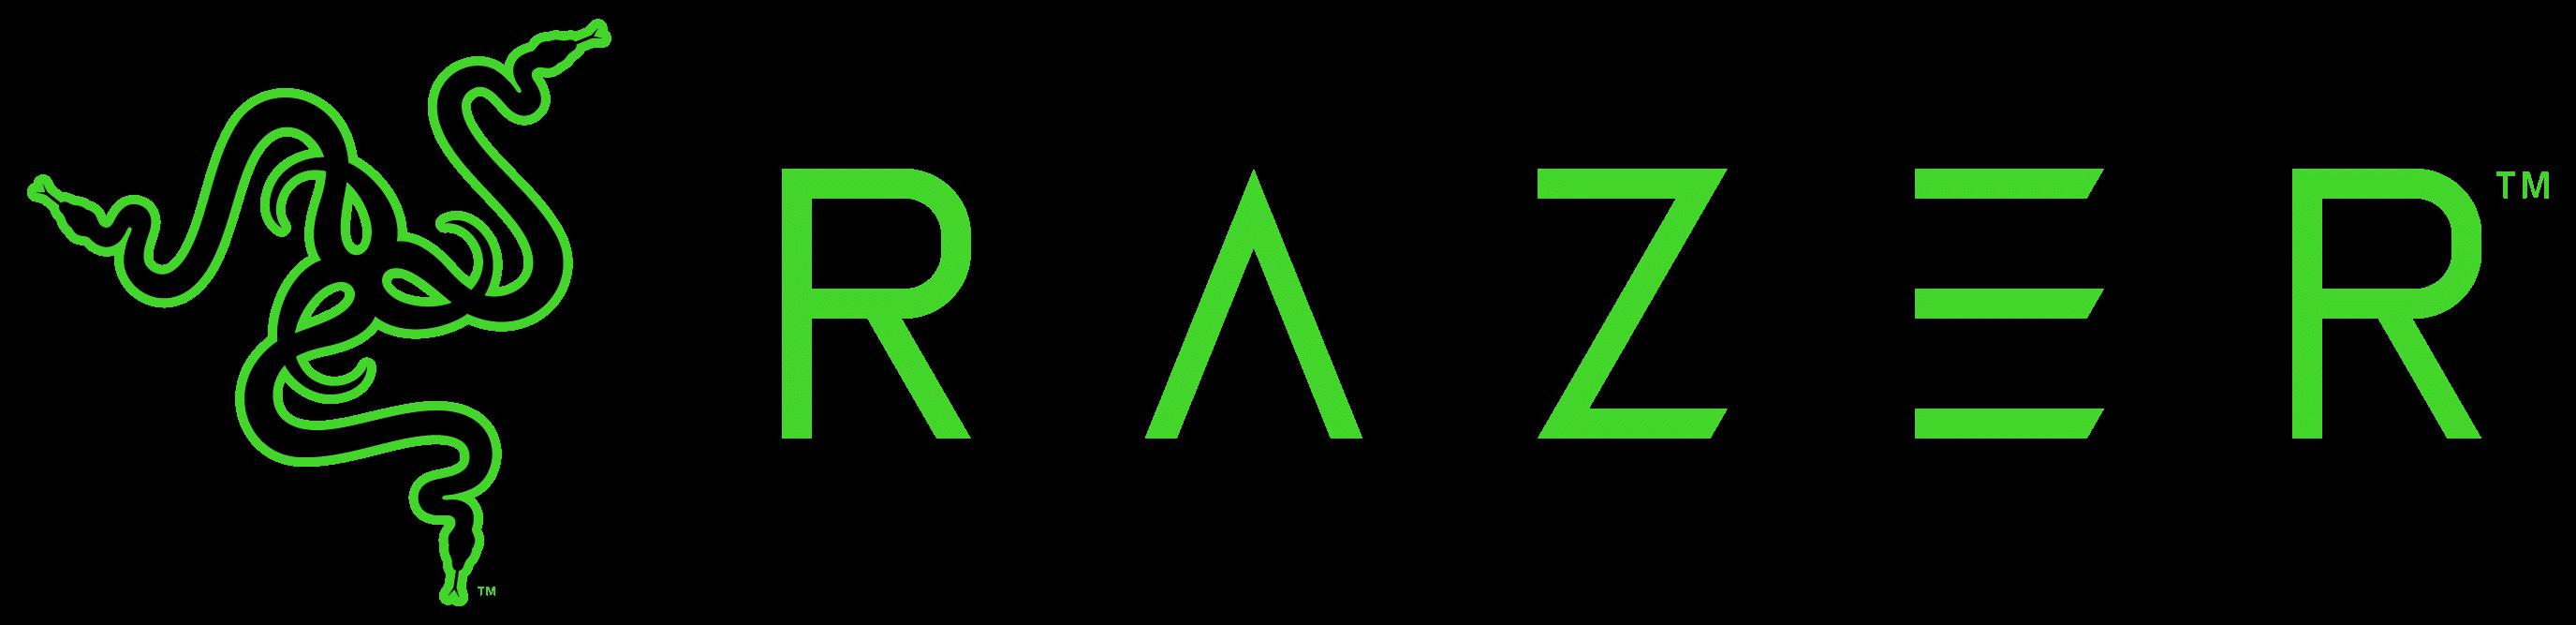 Logotipo da Razer.